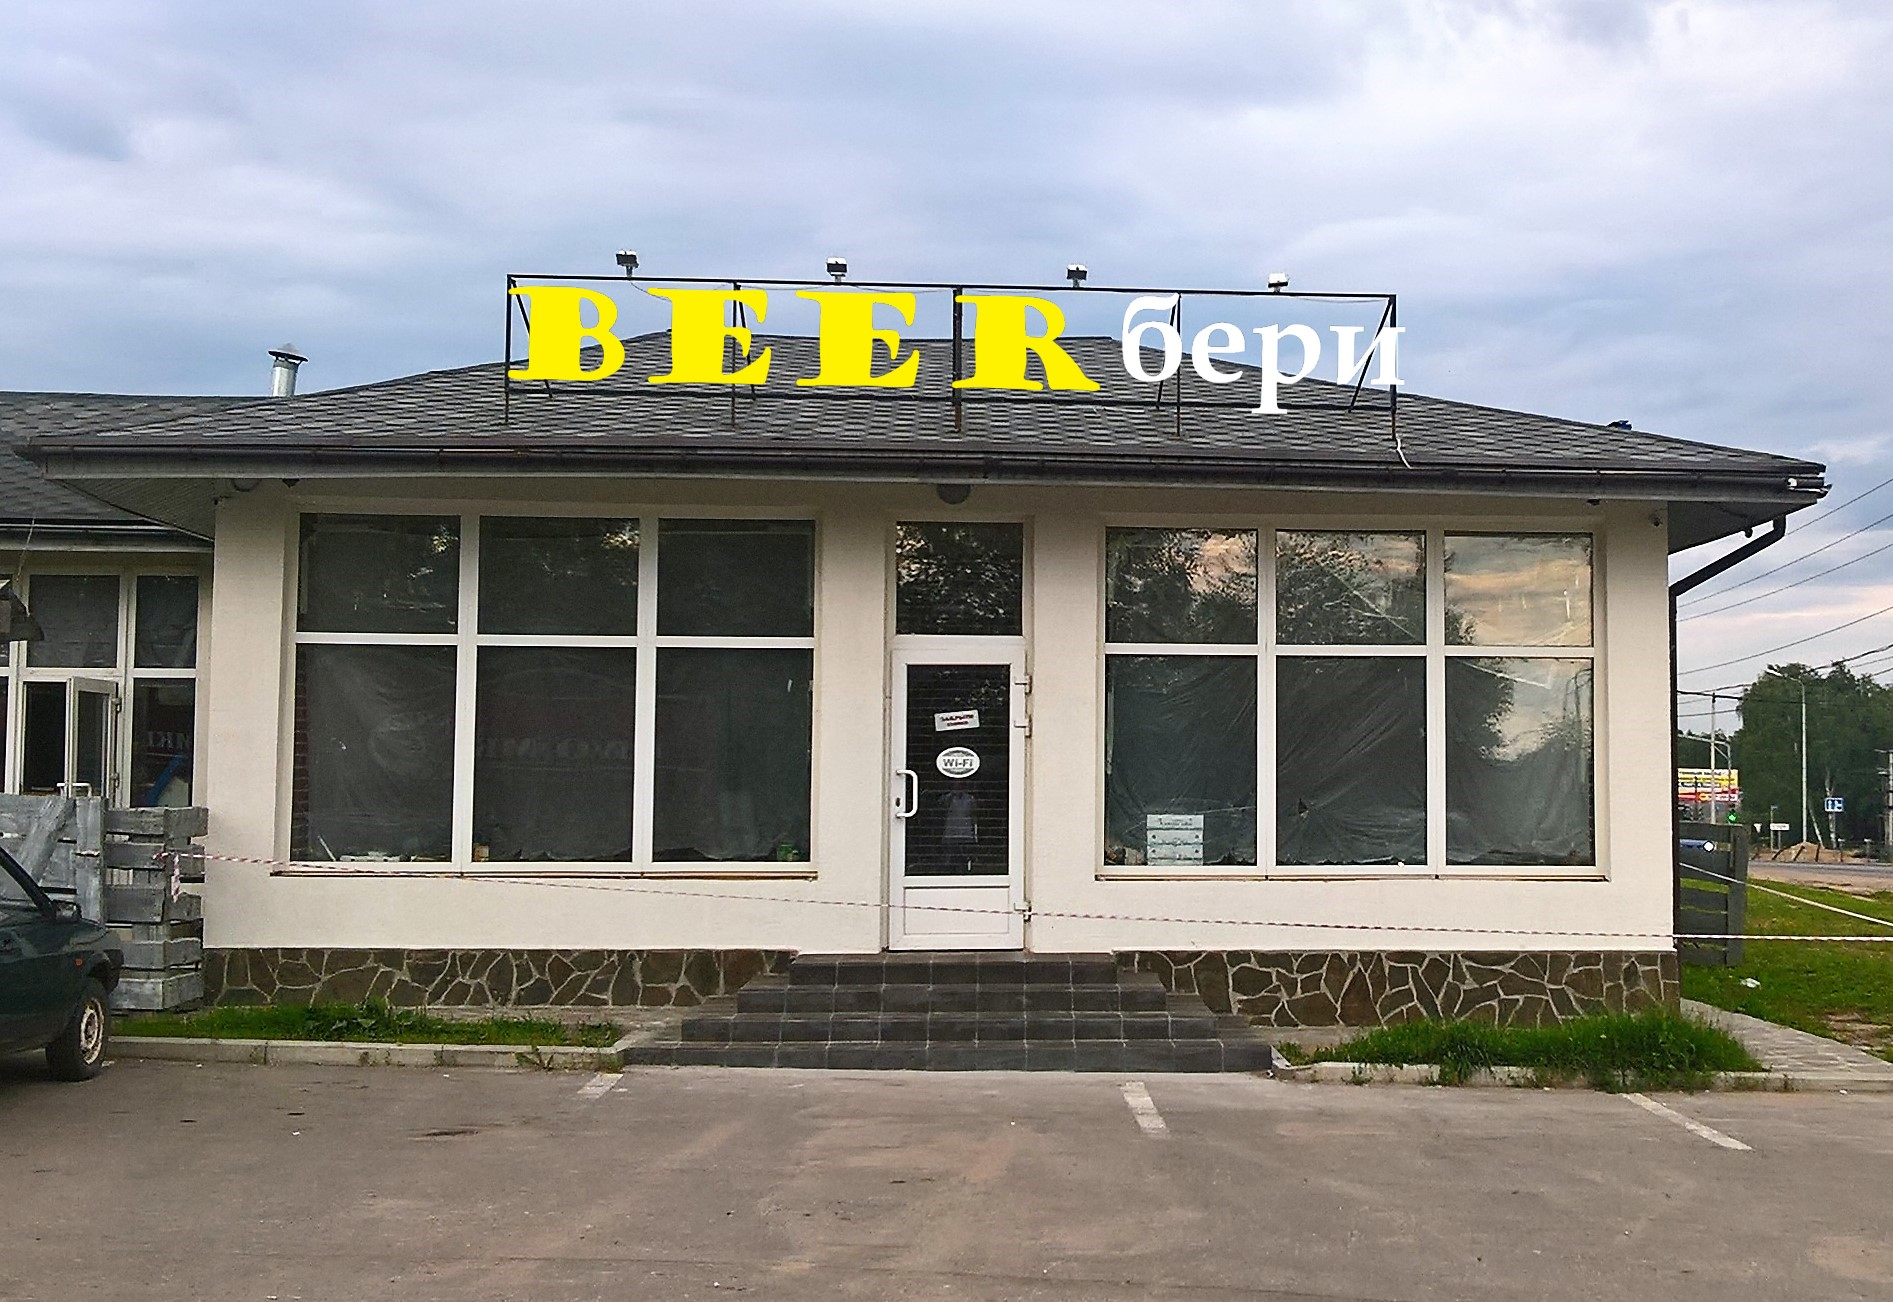 Название/вывеска на магазин пивоварни фото f_14459807383be8c8.jpg